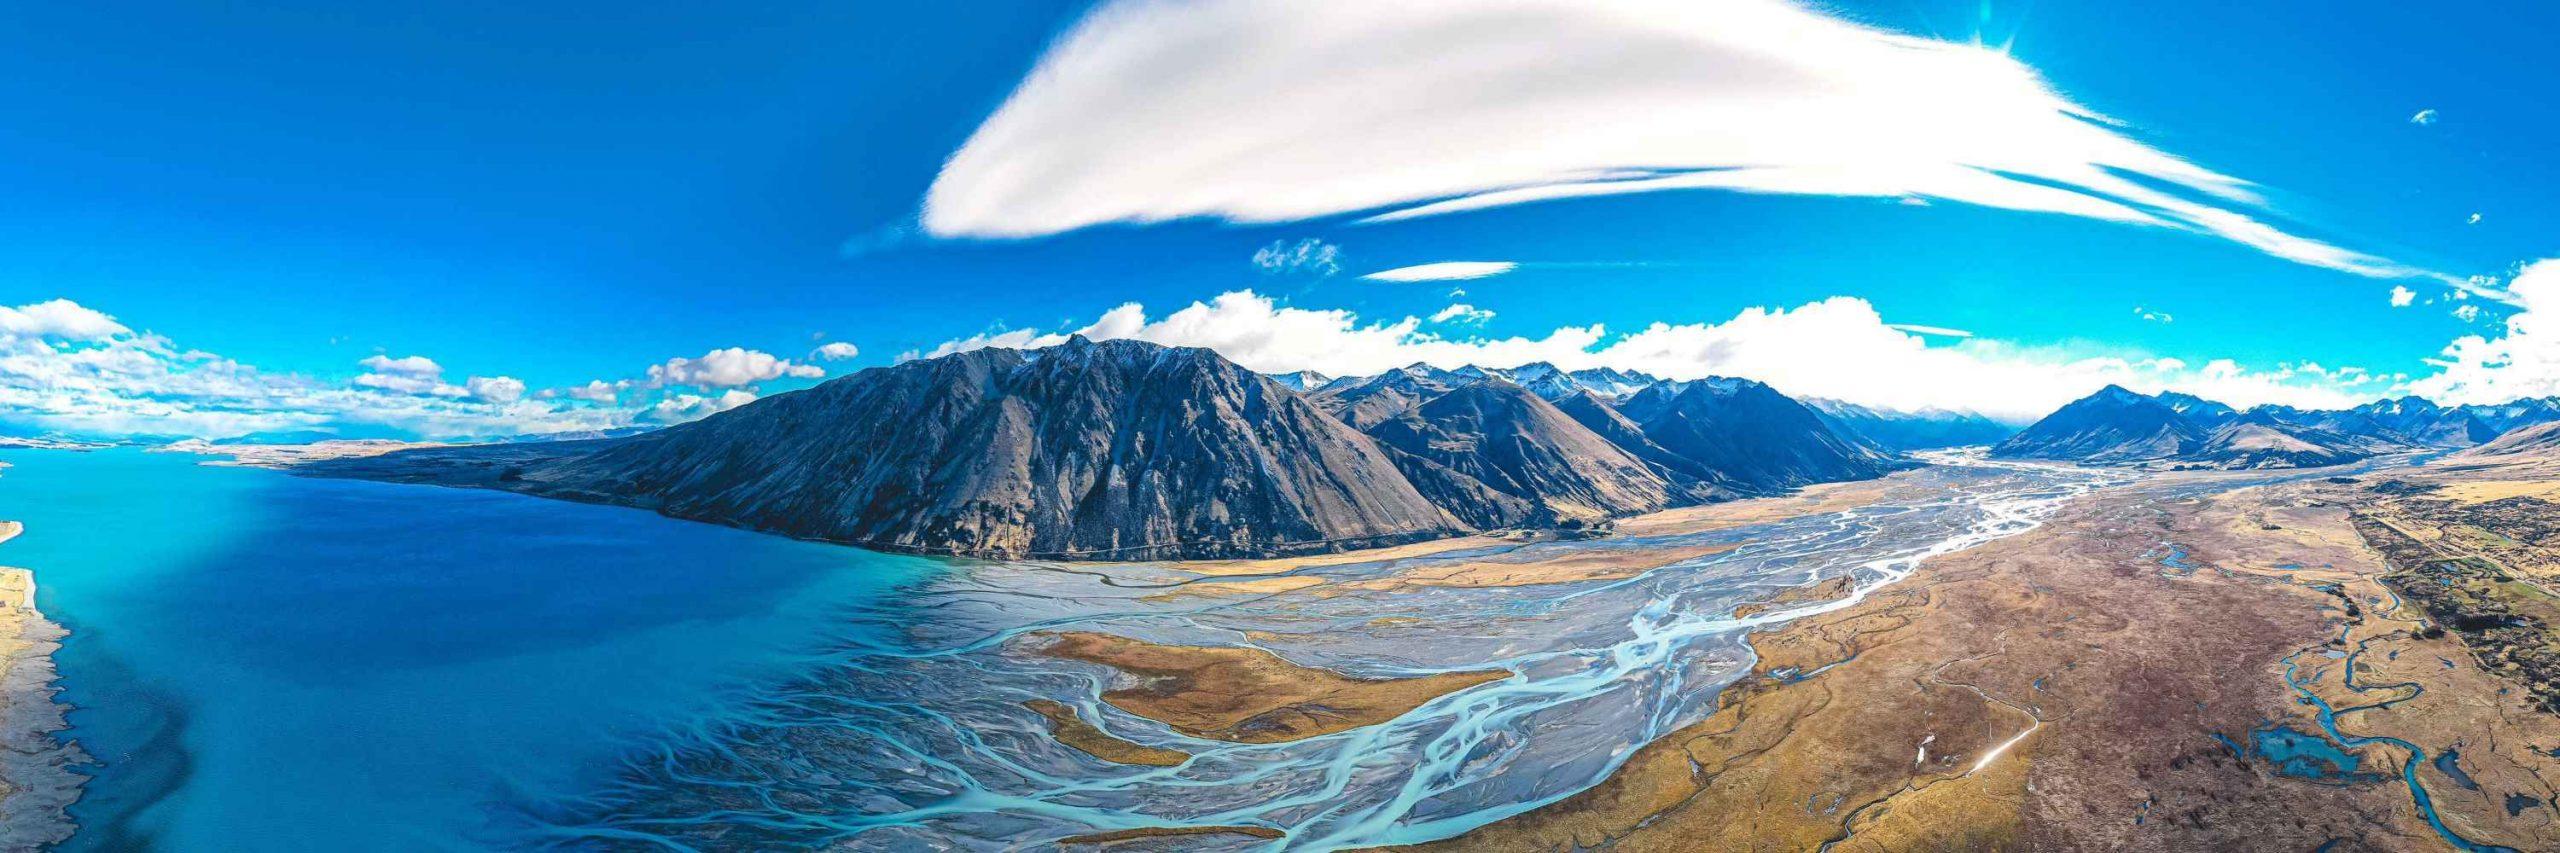 NZ Lake tekapo